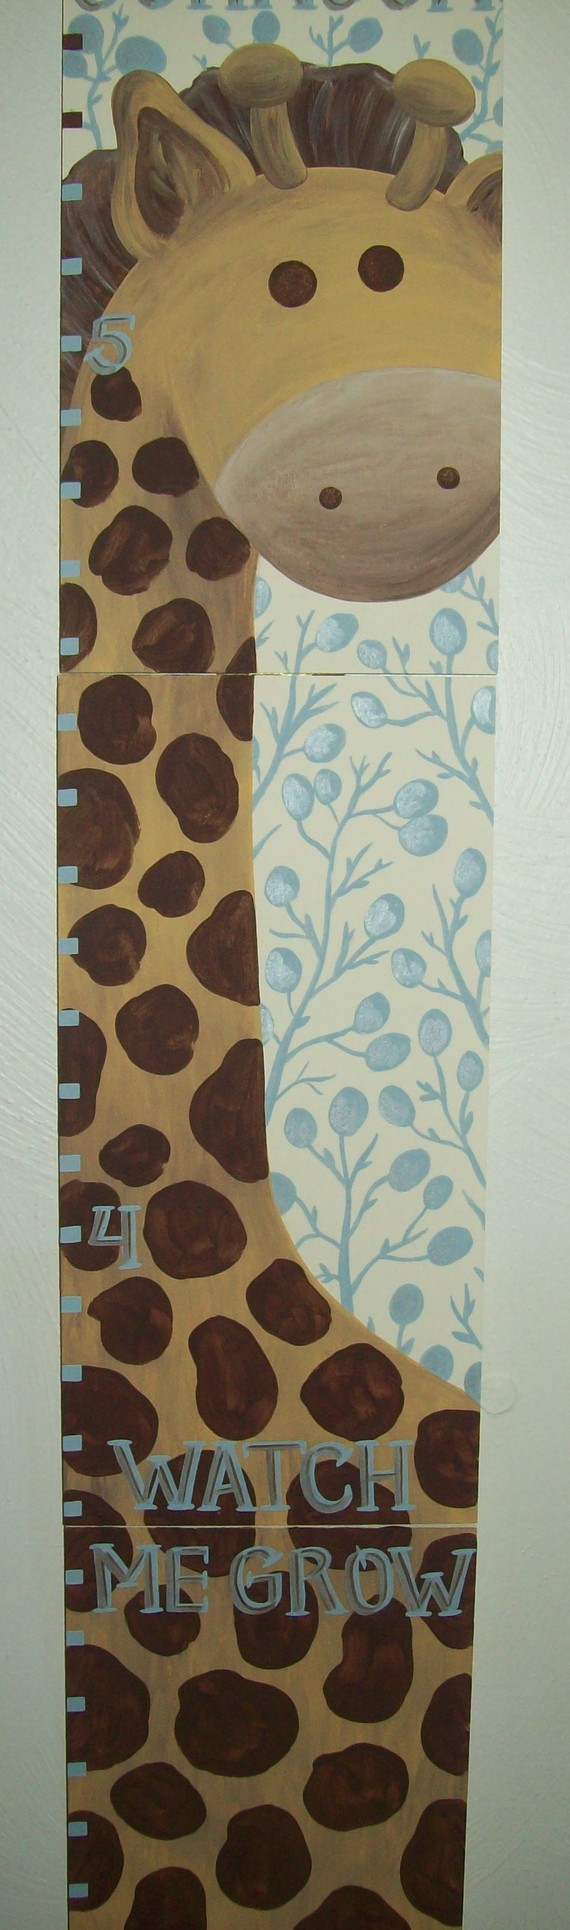 Tall giraffe growth chart friends pinterest growth charts tall giraffe growth chart nvjuhfo Choice Image